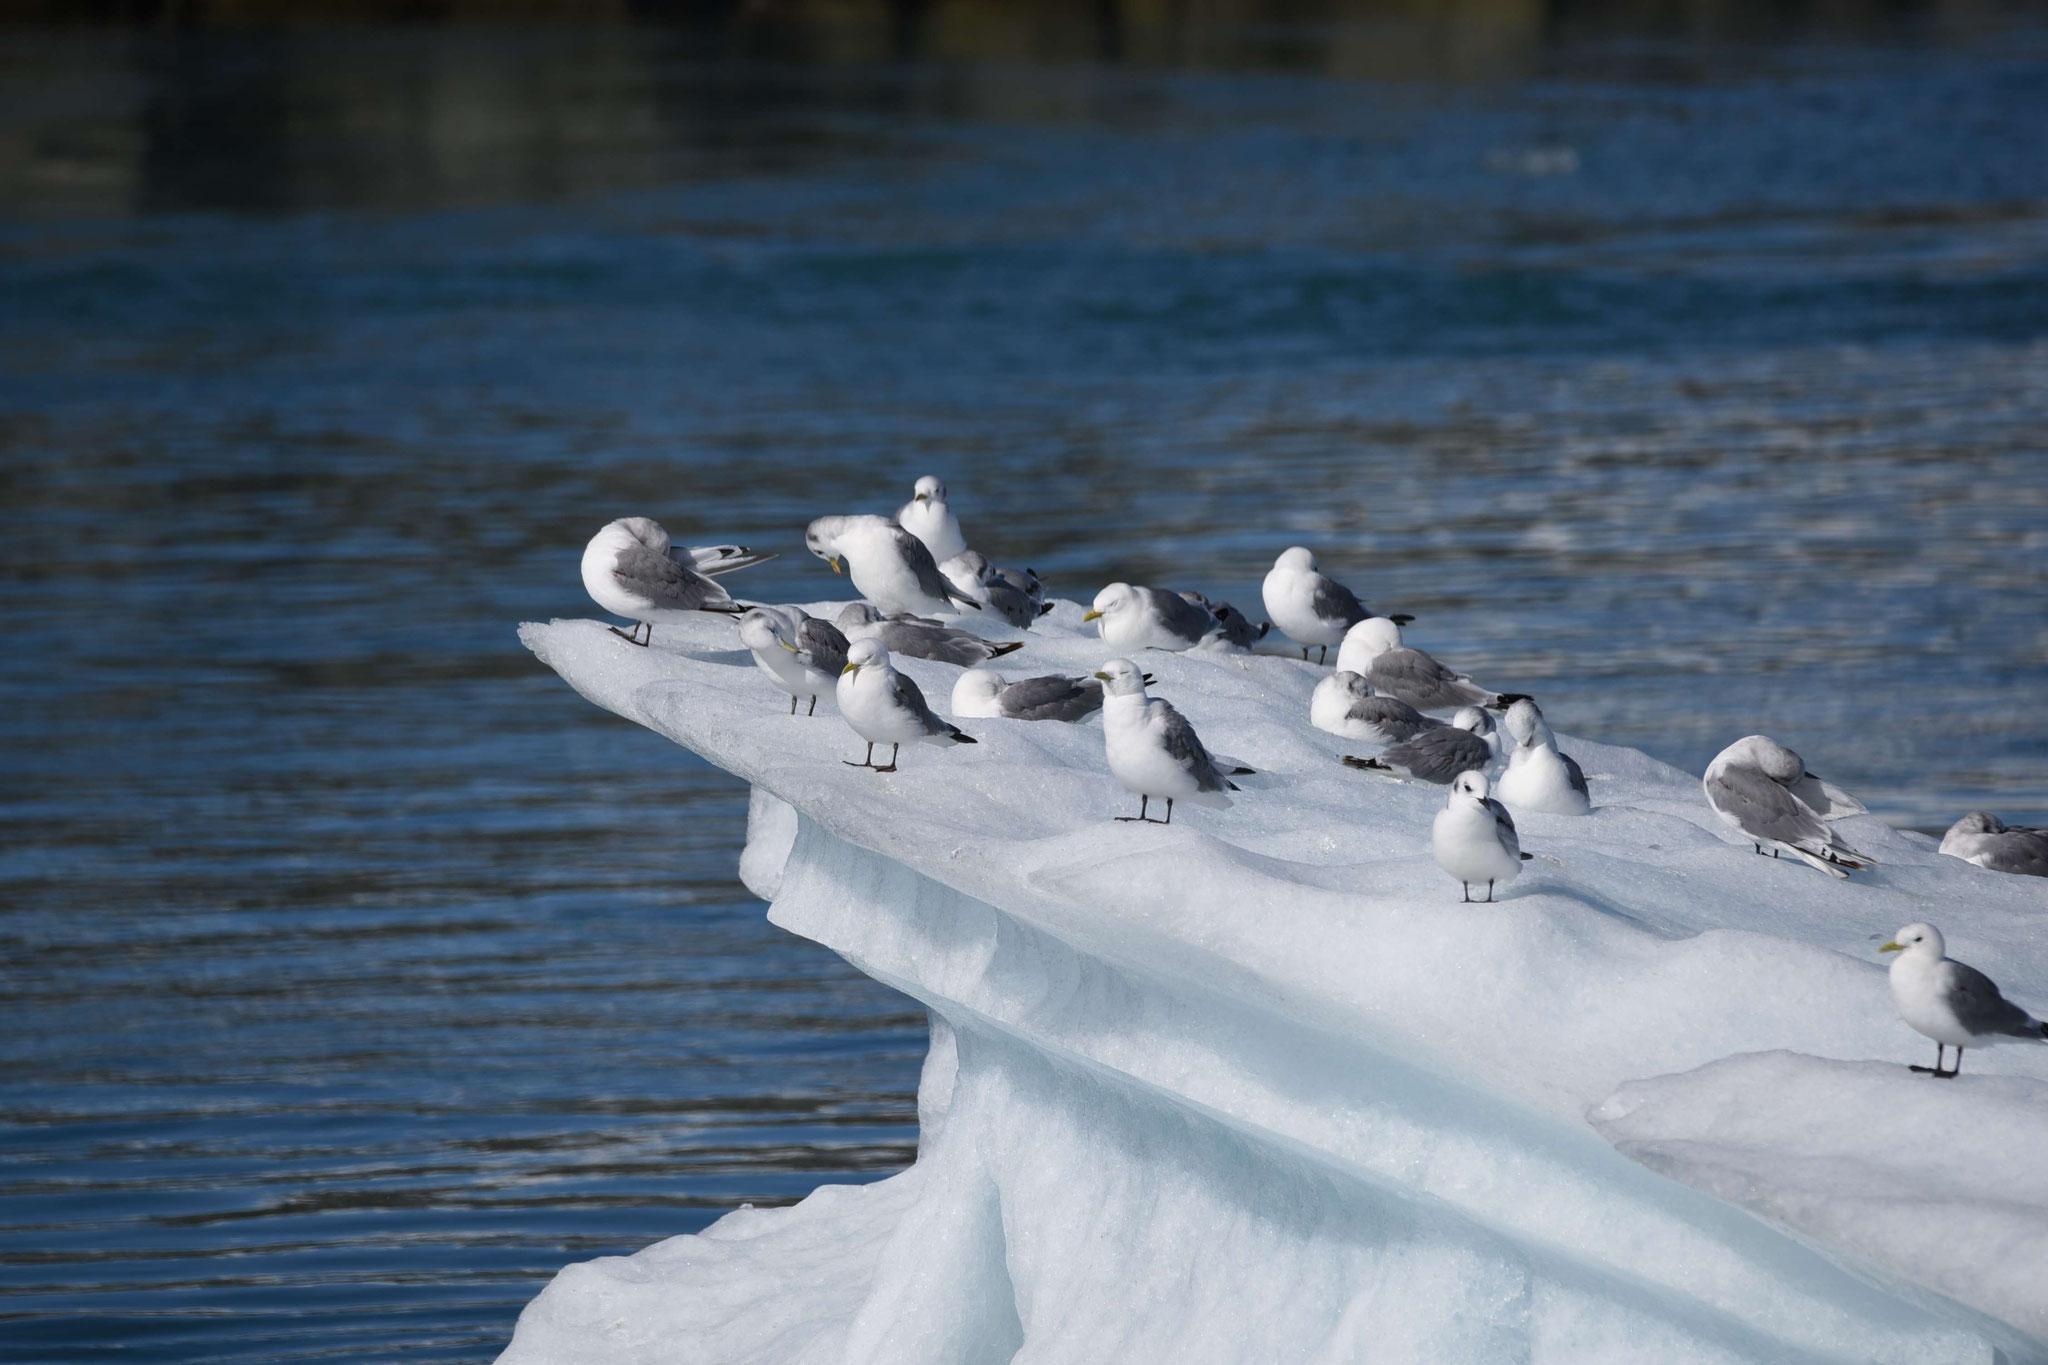 Jökulssarlón - Möwen auf Eisscholle